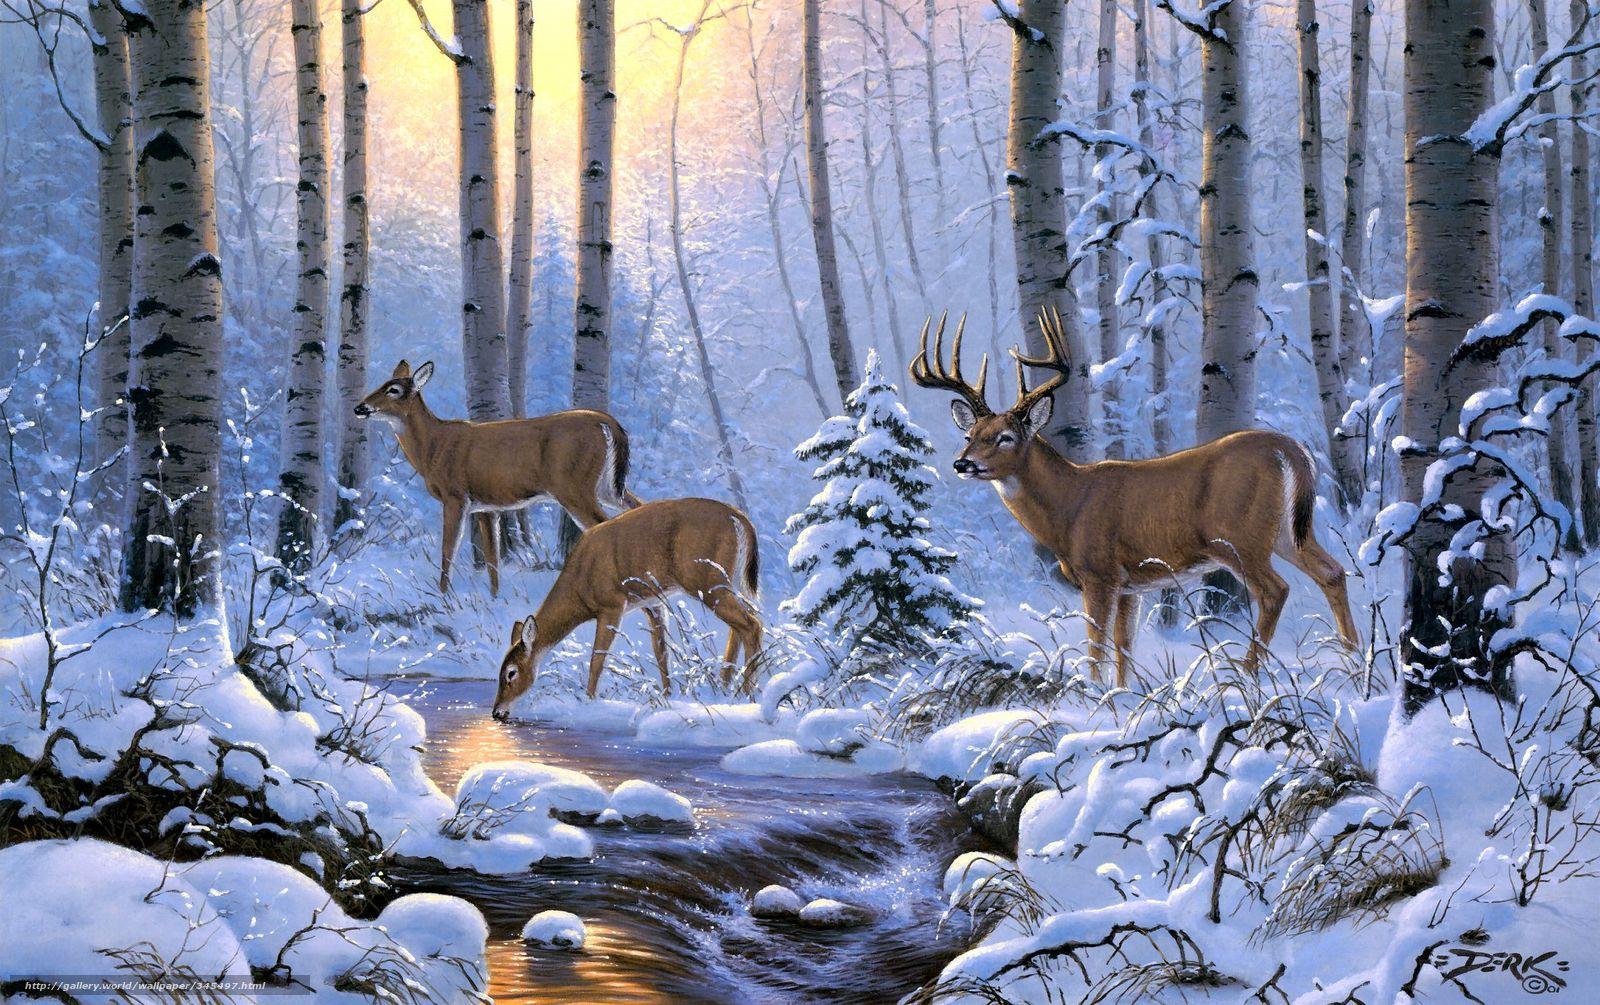 wallpaper derk hansen deer Winter forest desktop wallpaper 1600x1005